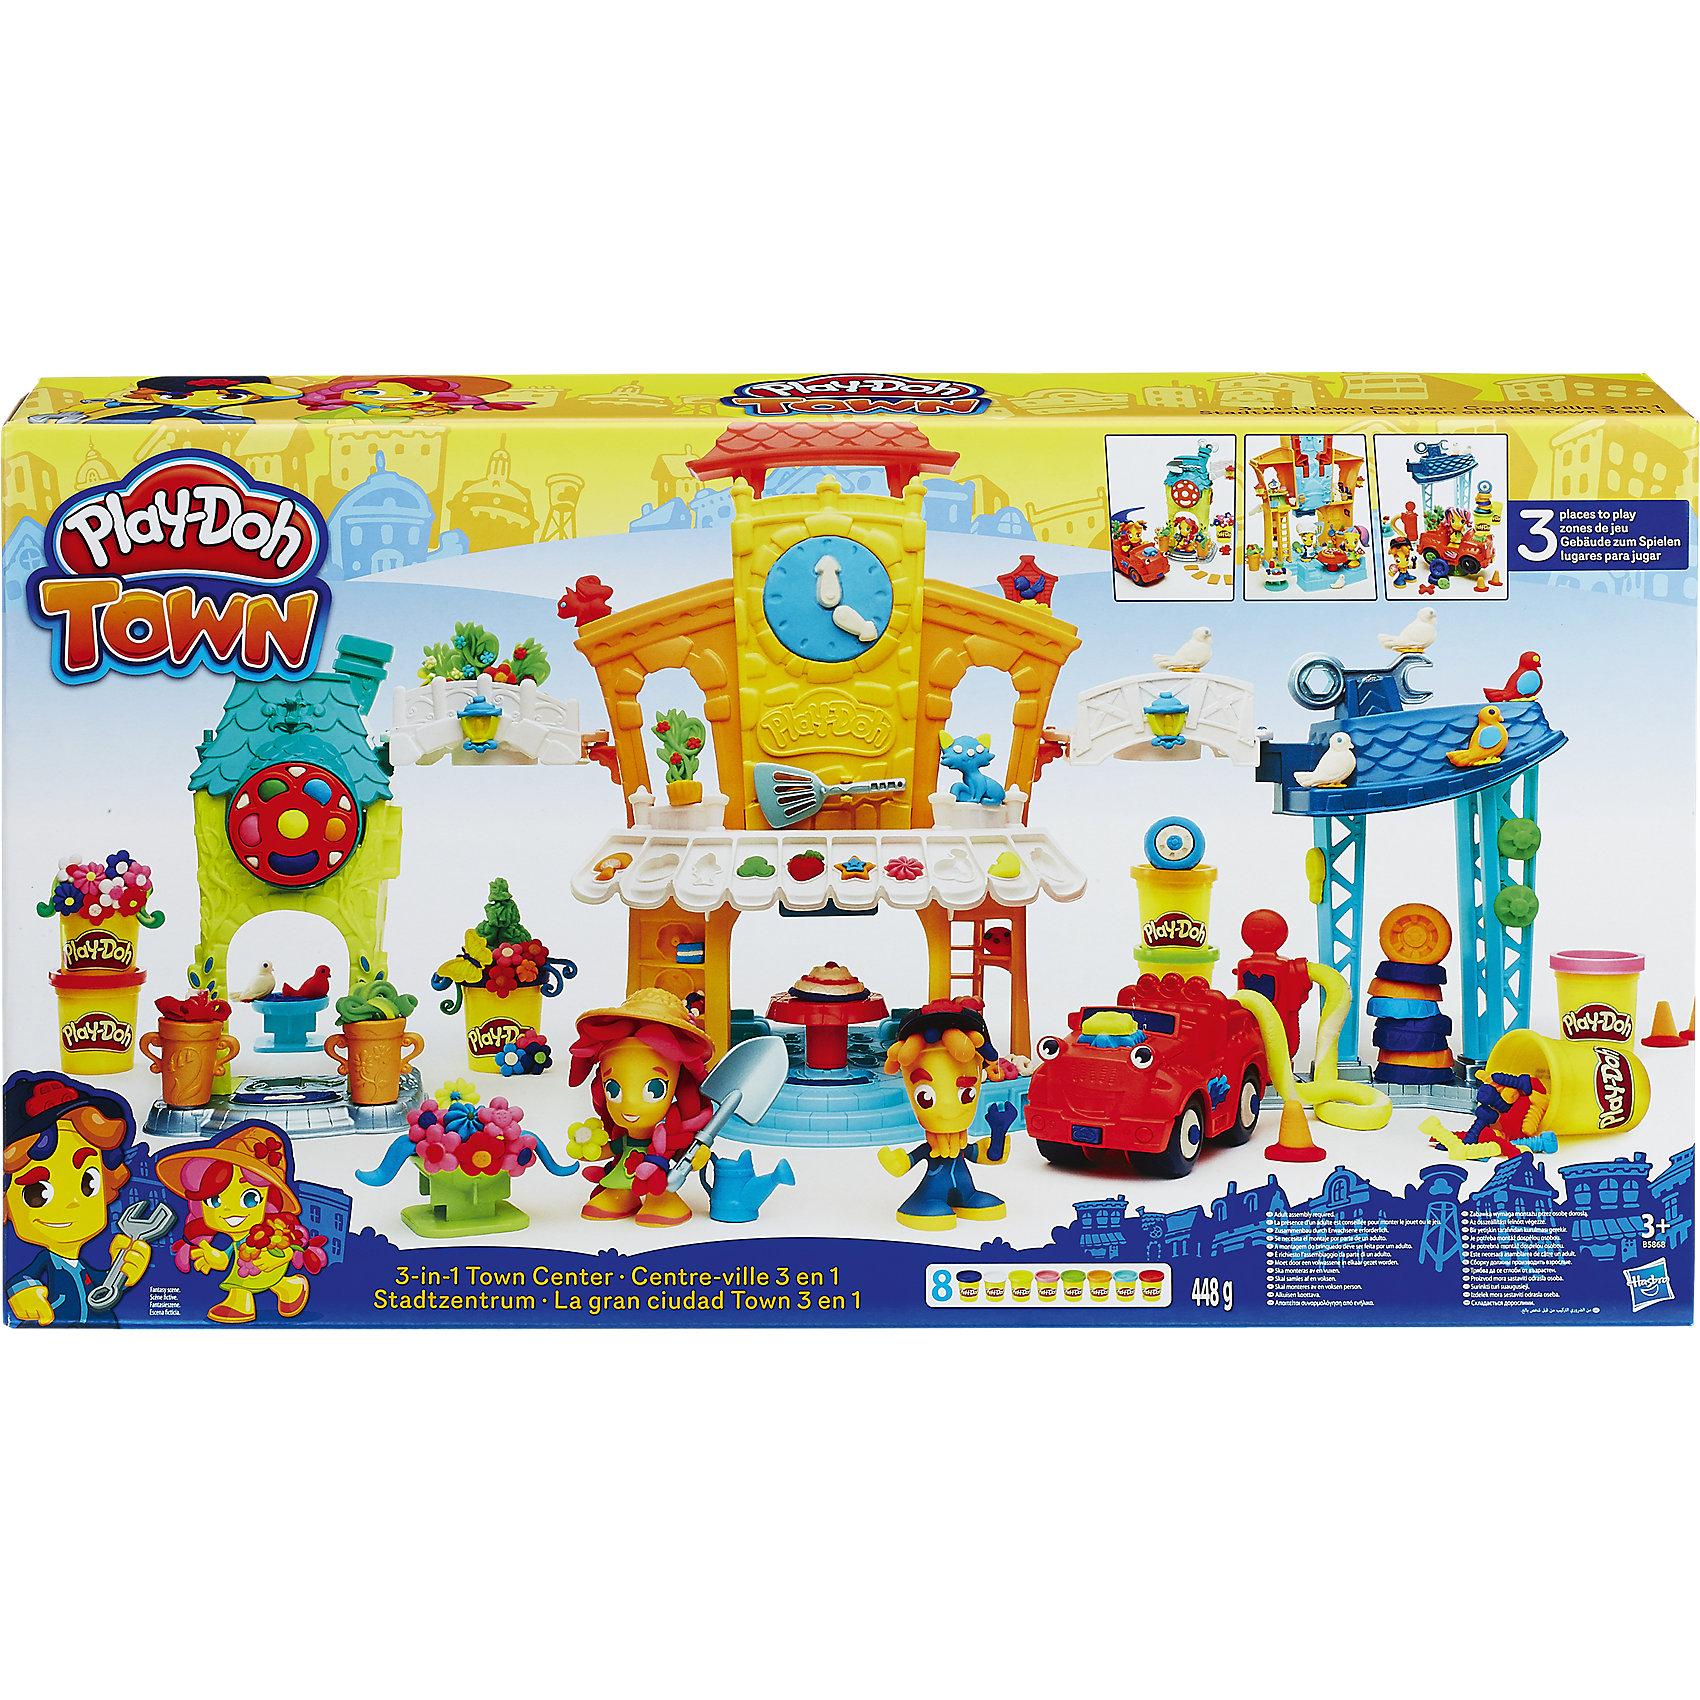 Hasbro Игровой набор Главная улица, Play-Doh Город hasbro play doh b3418 игровой набор магазинчик домашних питомцев